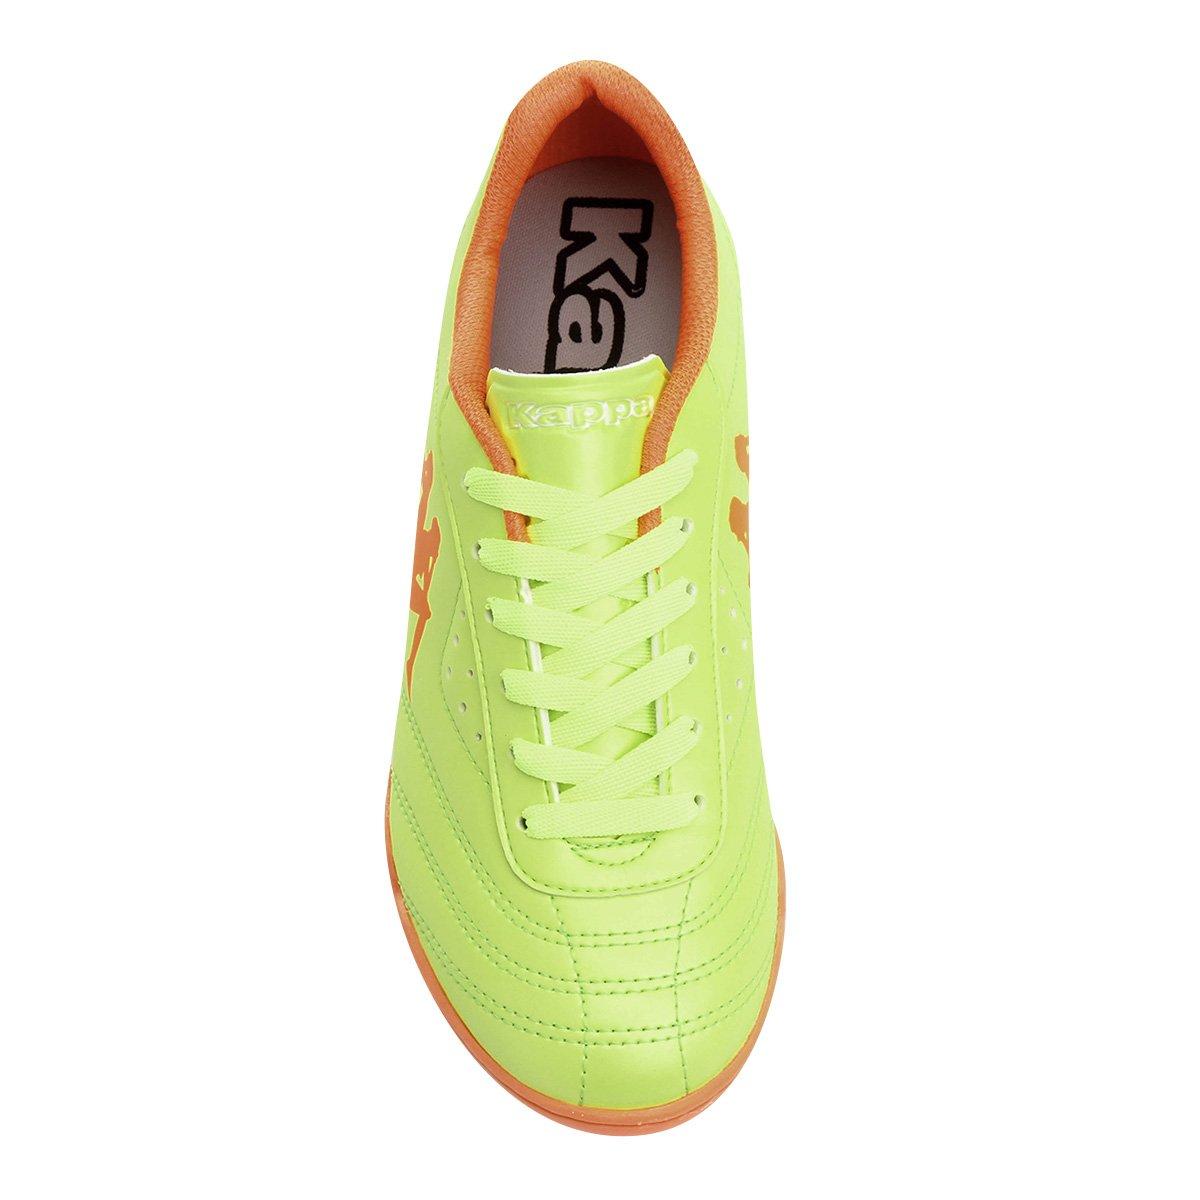 Chuteira Futsal Kappa Pésaro - Compre Agora  24c39c6af51cc